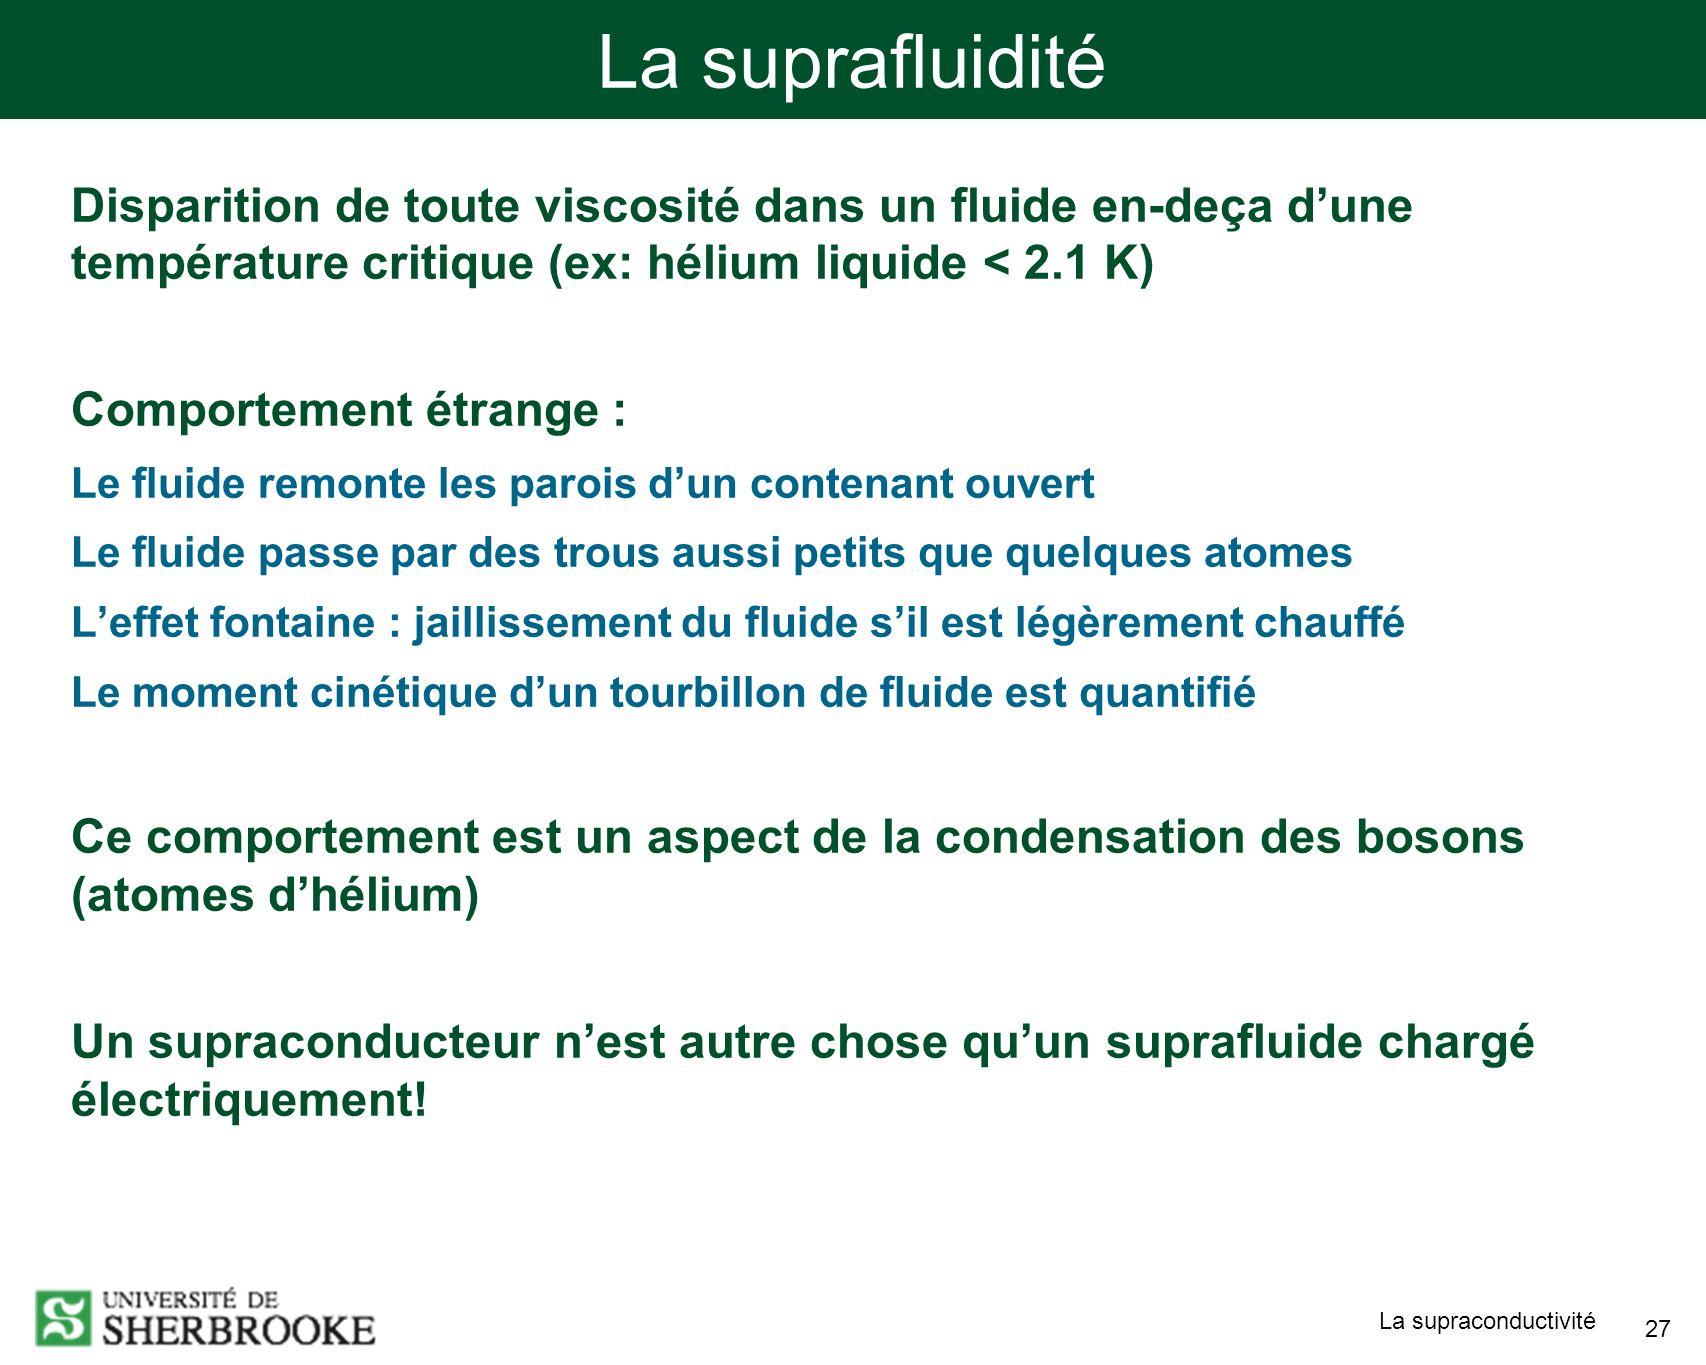 La supraconductivité 27 La suprafluidité Disparition de toute viscosité dans un fluide en-deça dune température critique (ex: hélium liquide < 2.1 K)